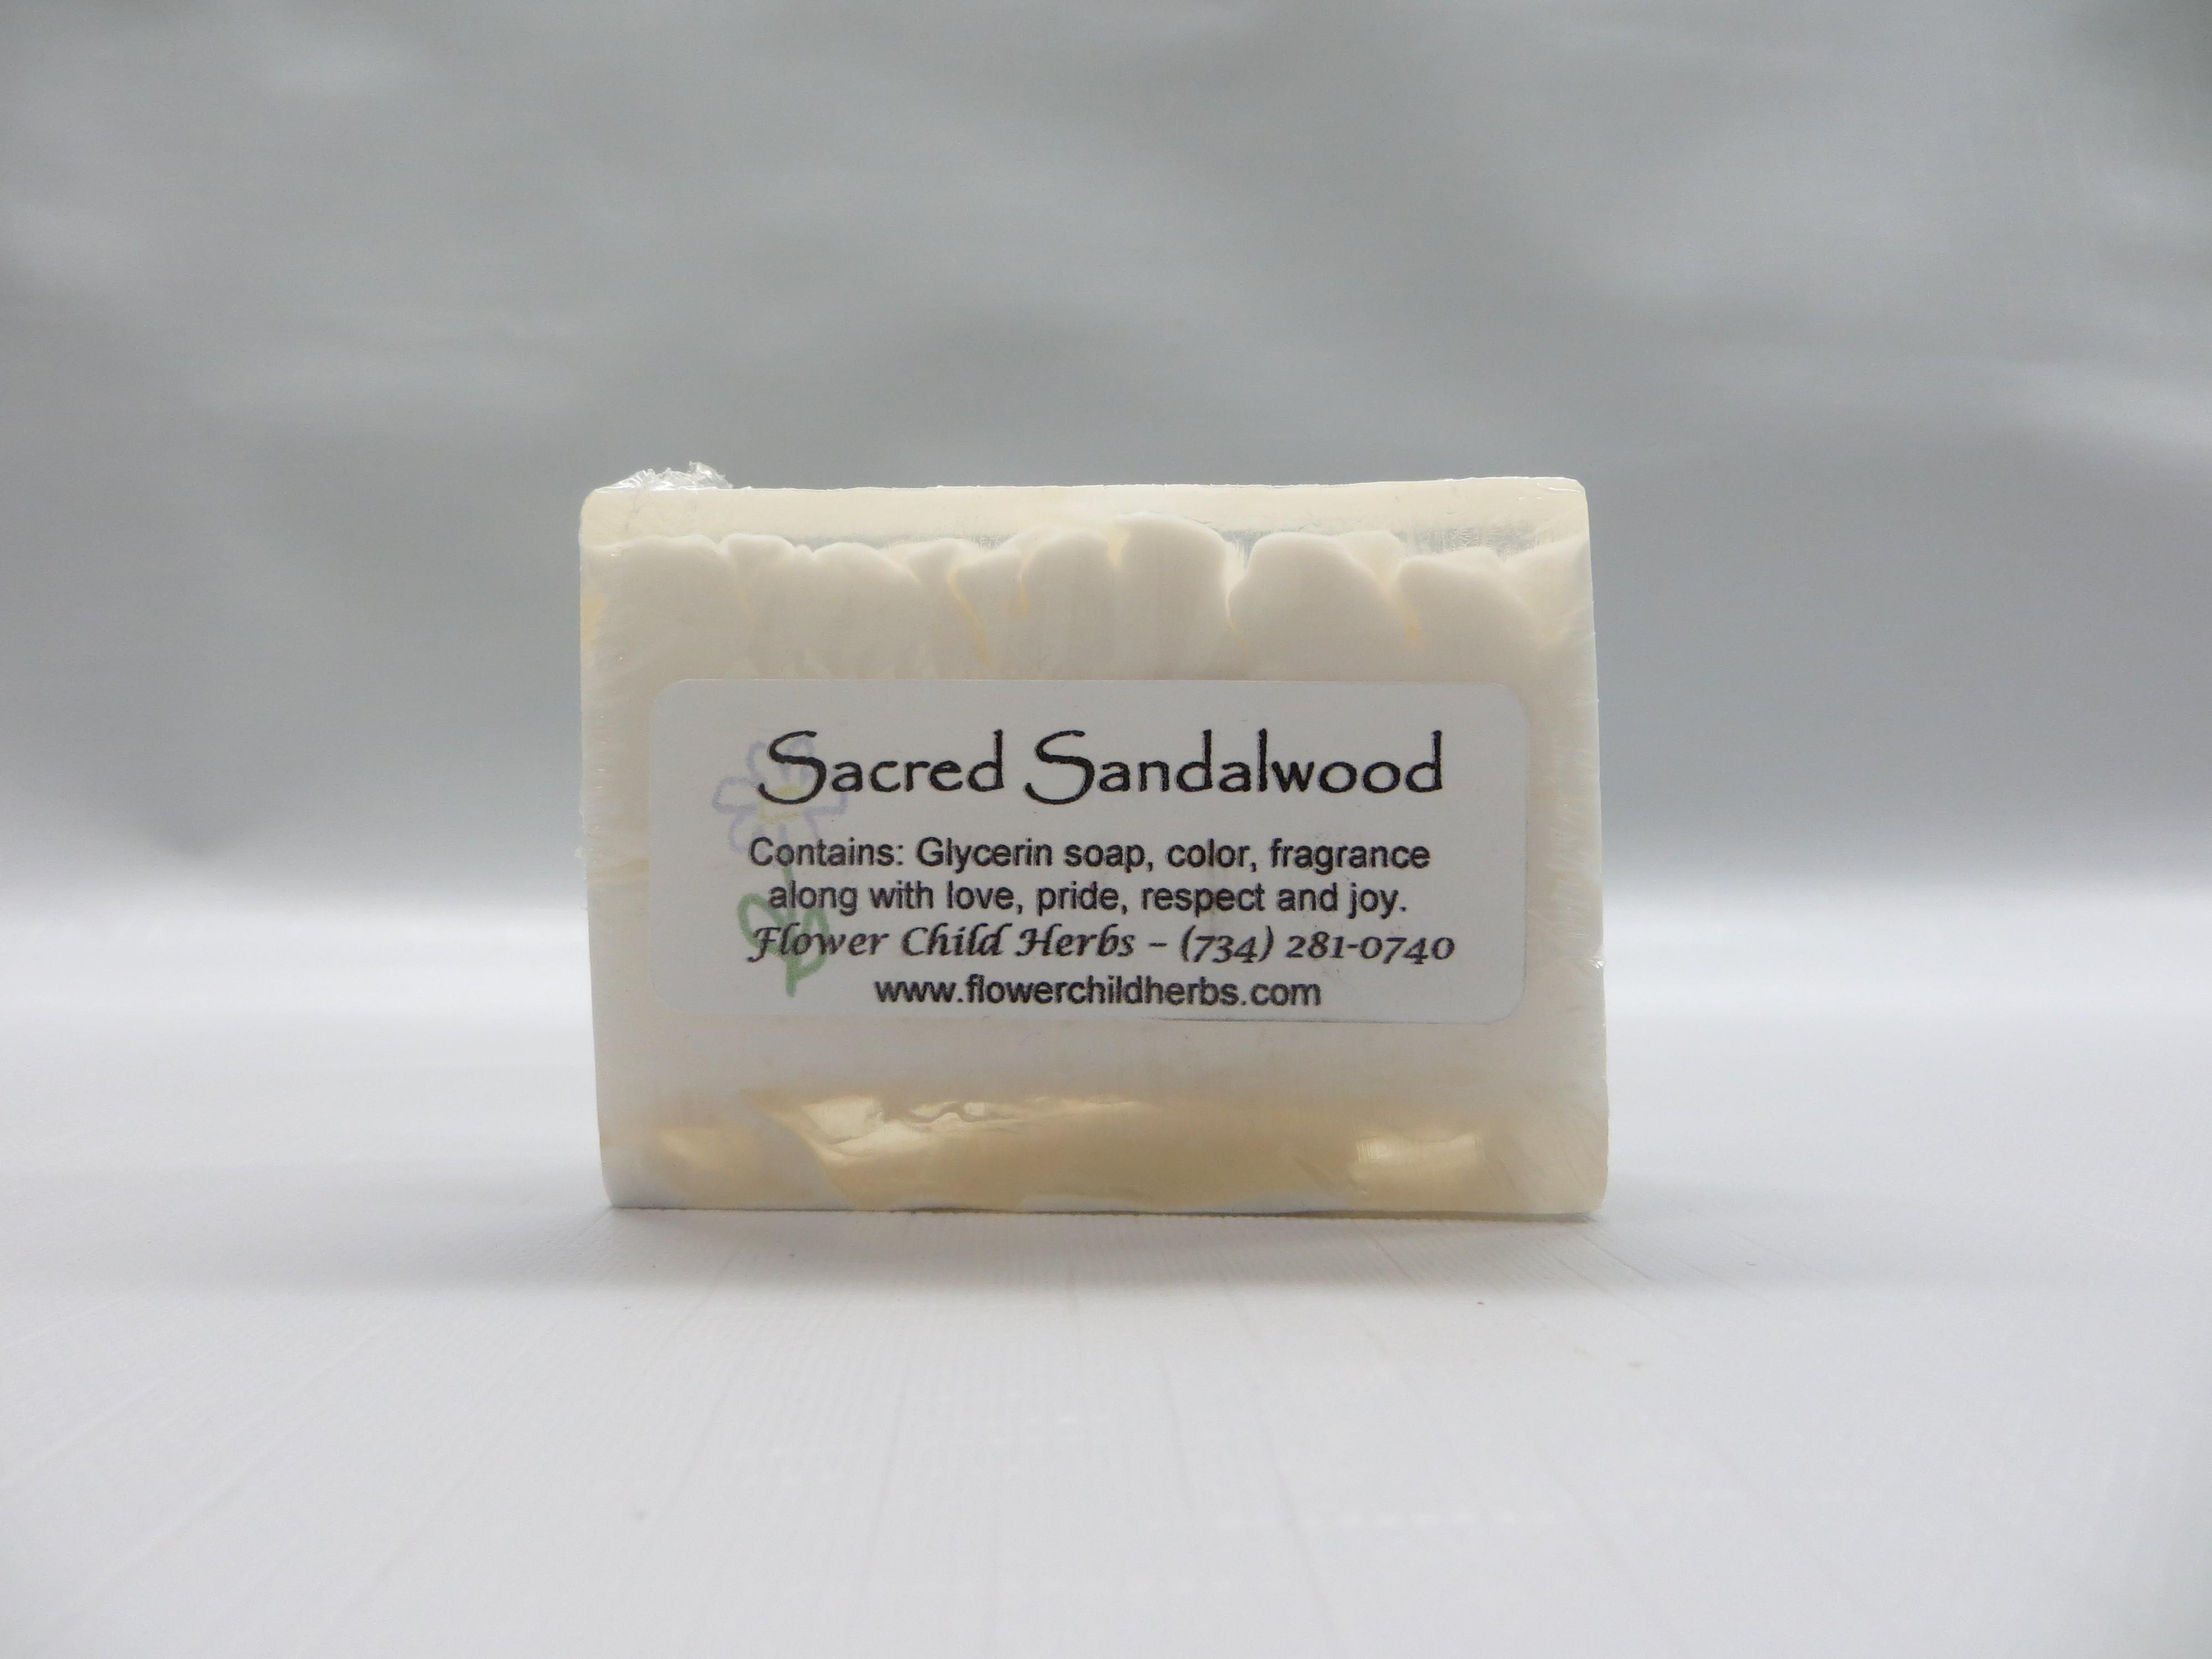 Sacred Sandalwood